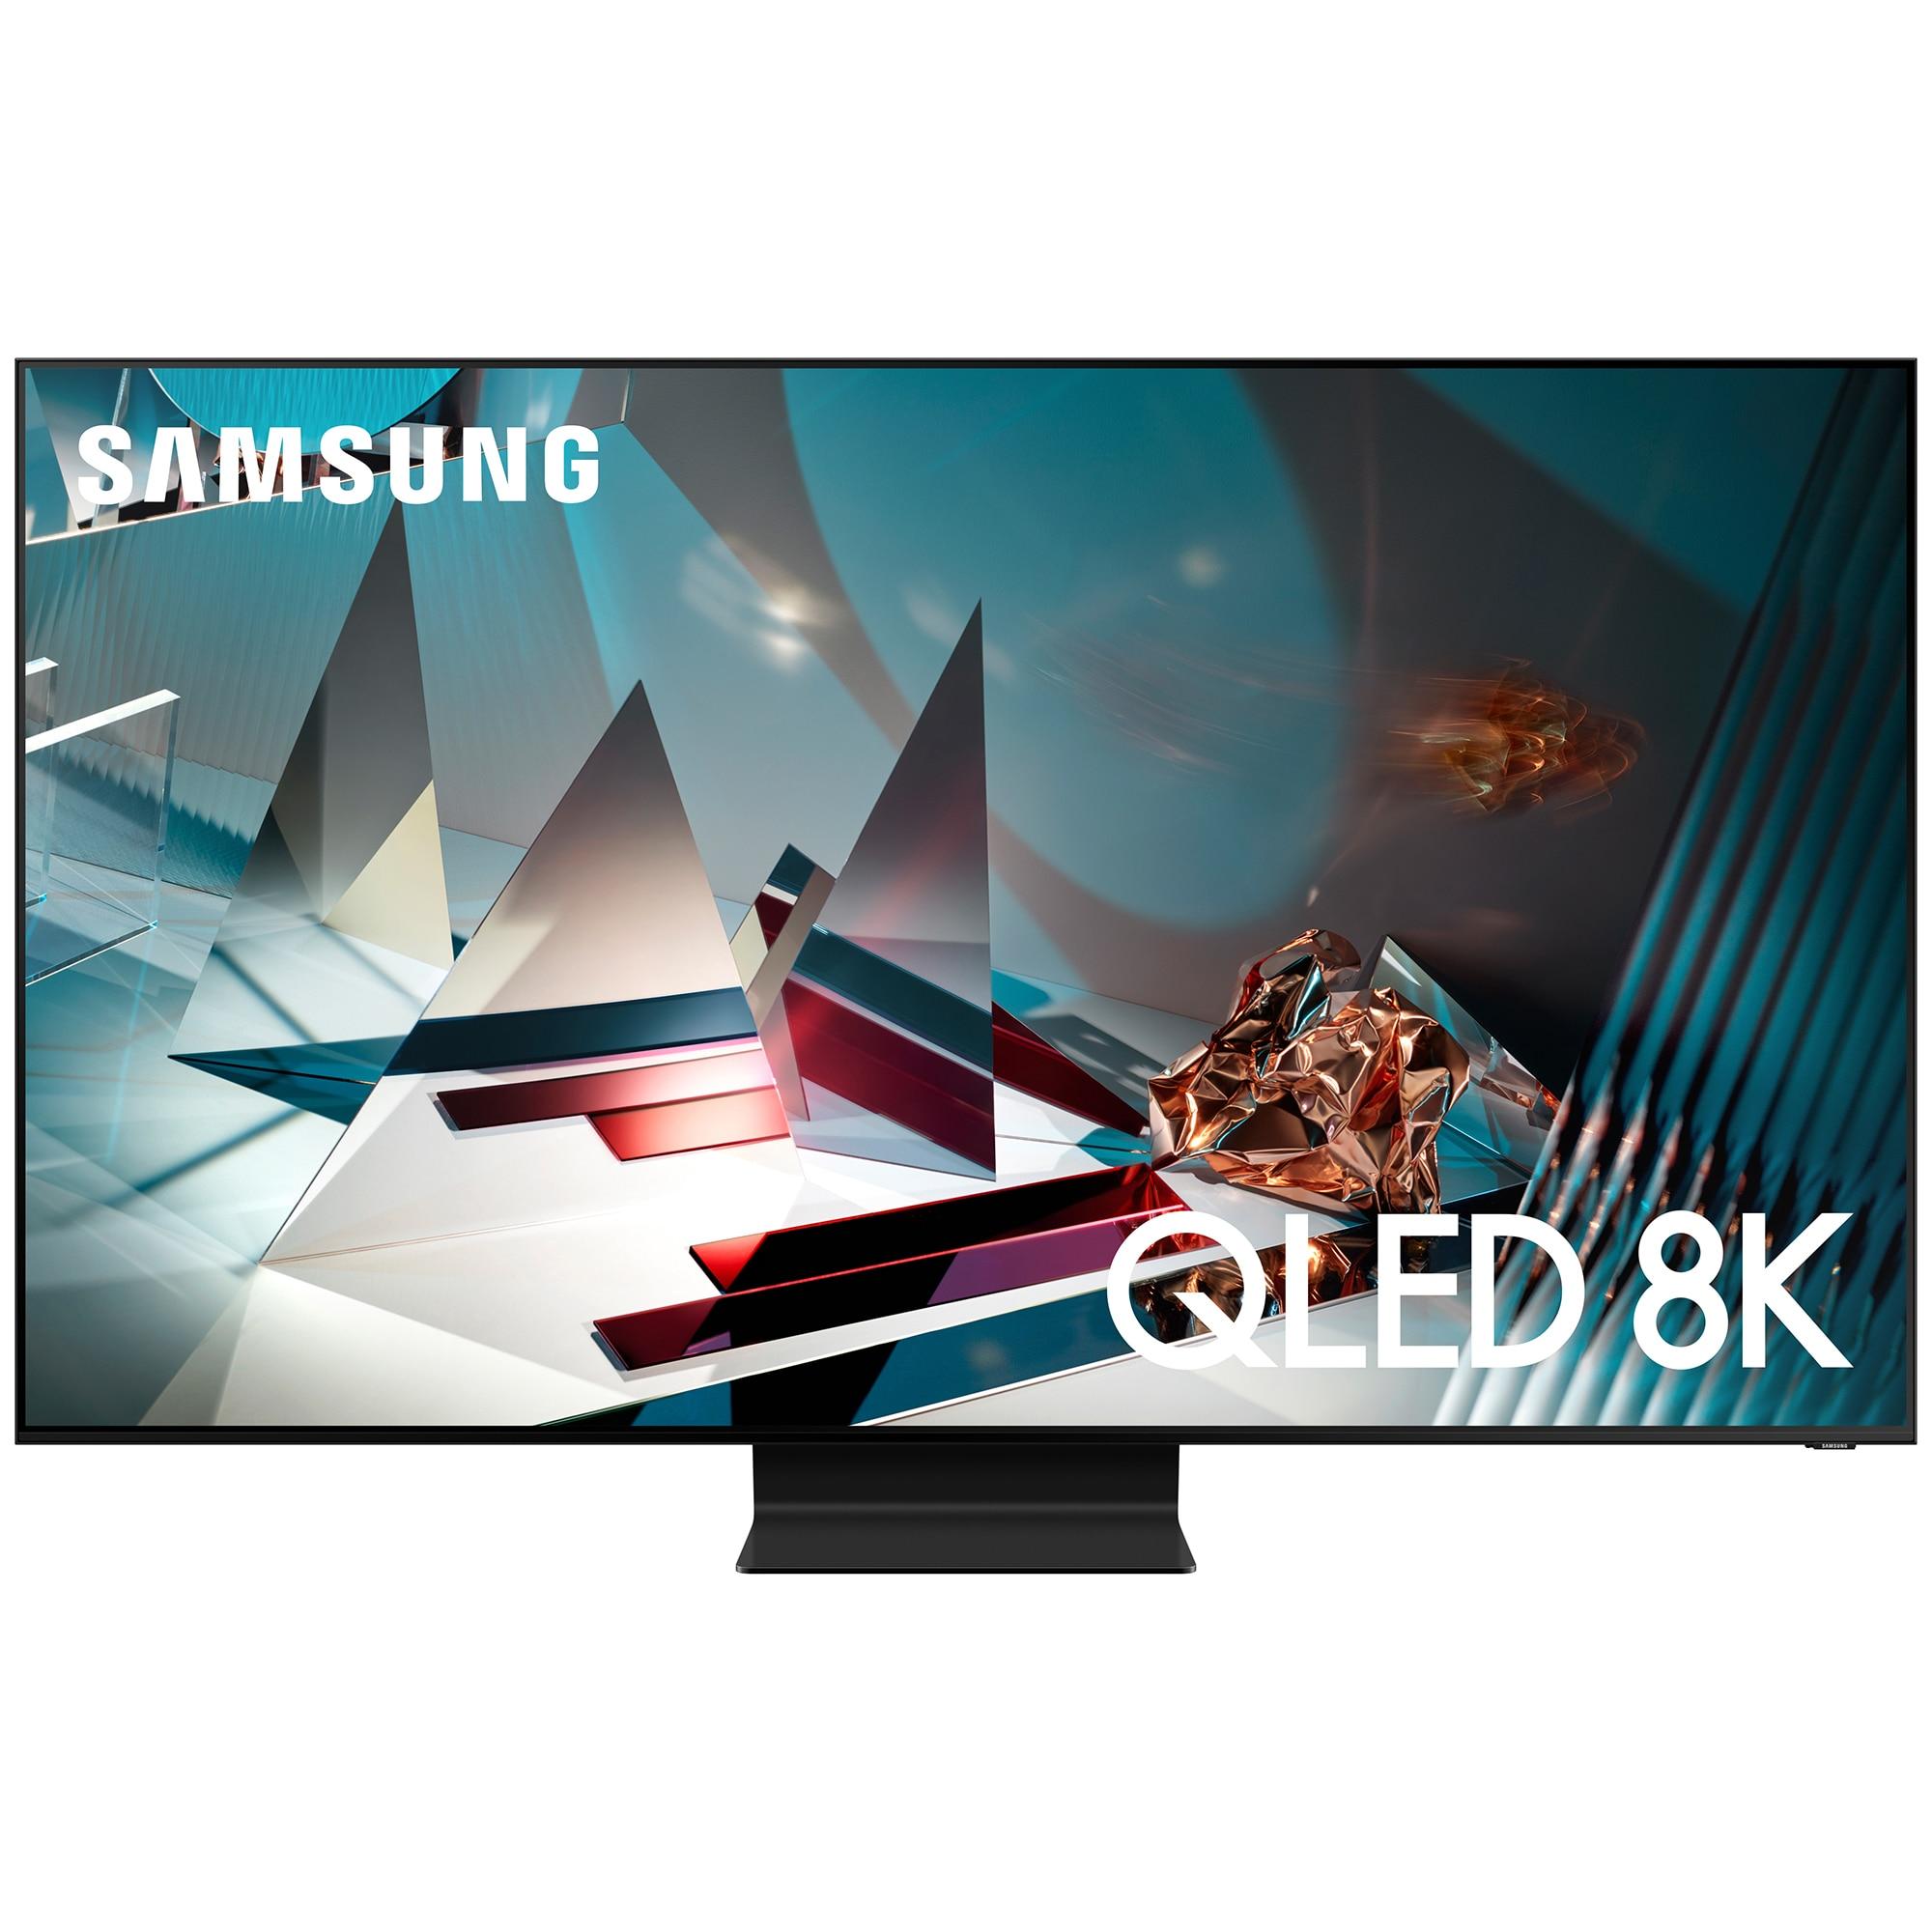 Fotografie Televizor Samsung 82Q800T, 207 cm, Smart, 8K Ultra HD, QLED, Clasa C